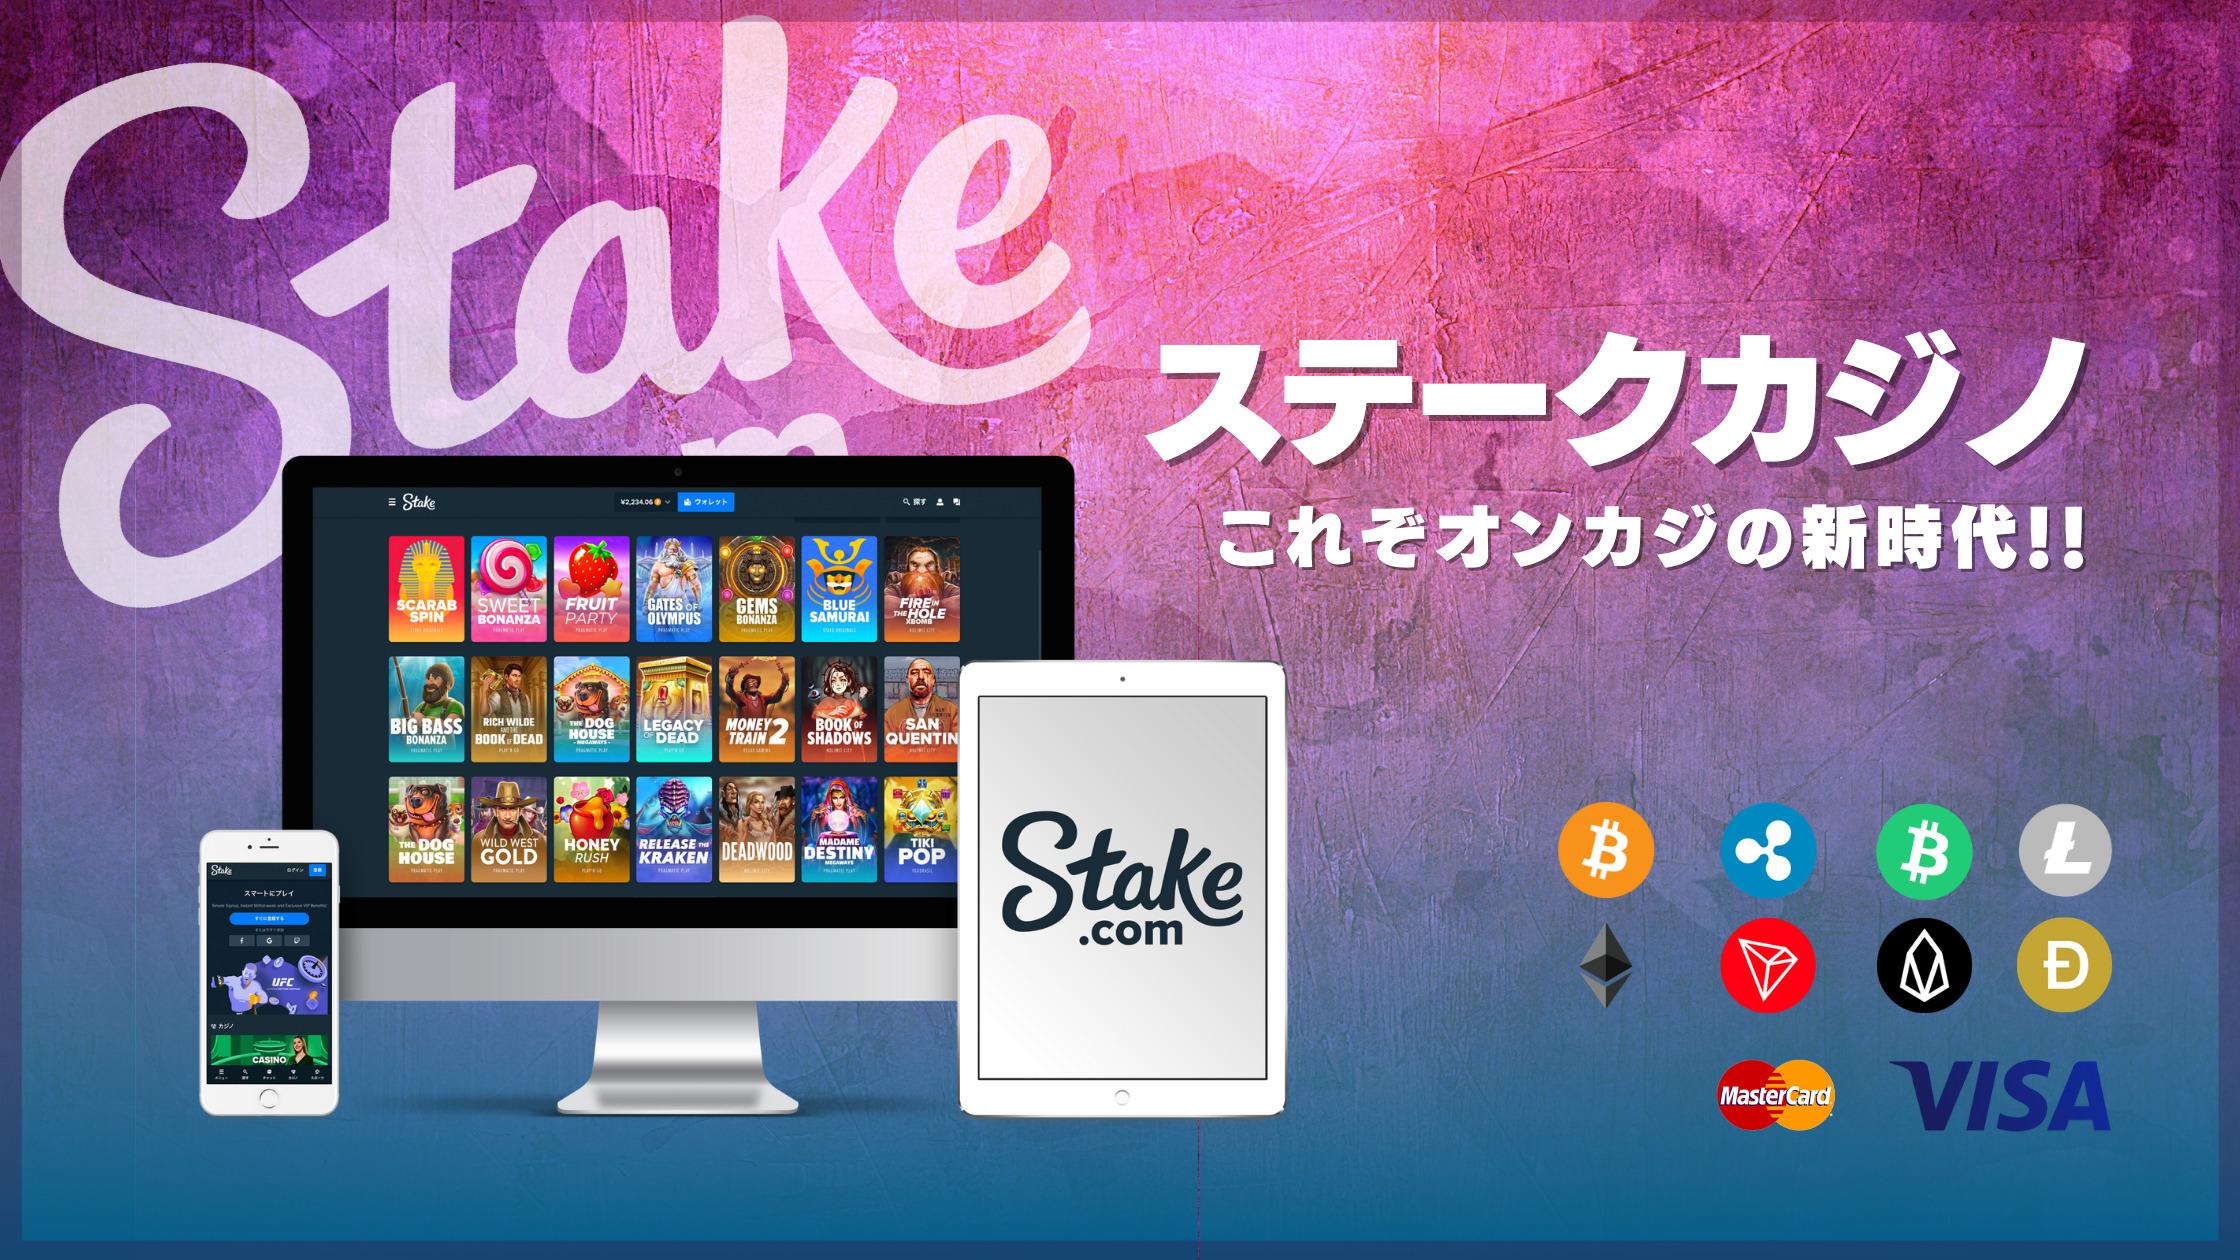 【これぞ新時代のオンカジ】ステークカジノの入金不要ボーナスや入出金方法など徹底レビュー!